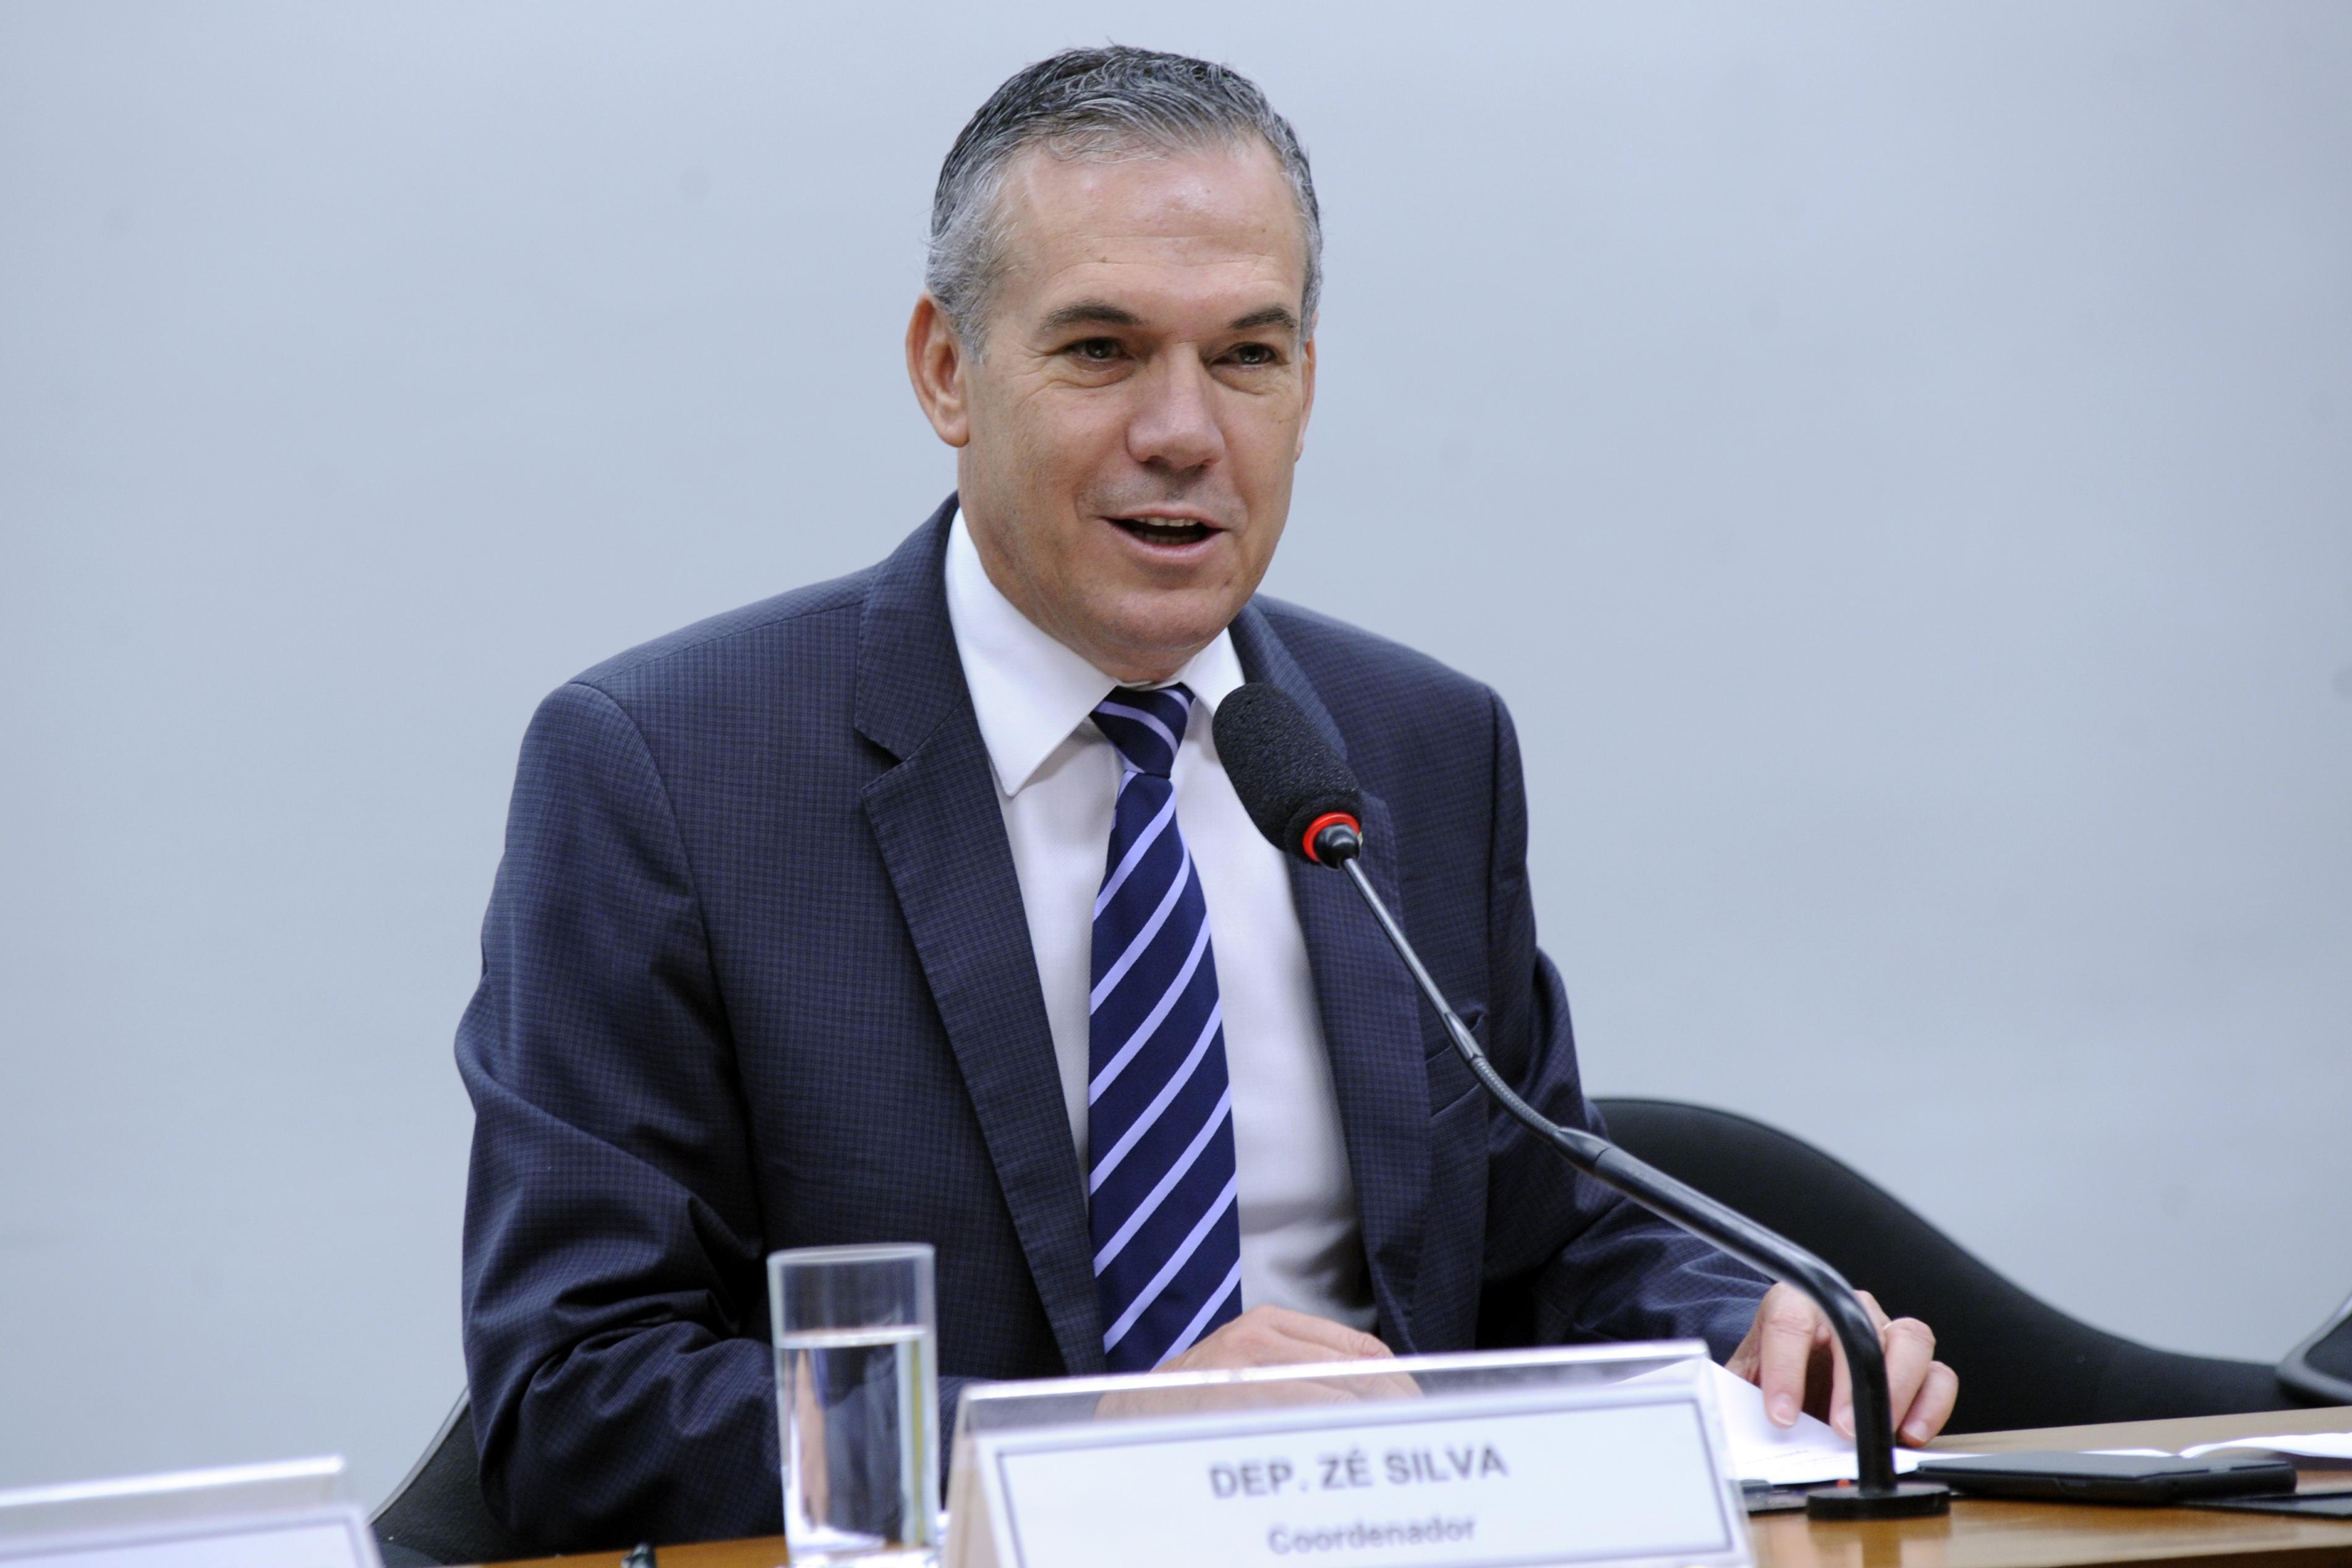 Reunião ordinária. Dep. Zé Silva (SOLIDARIEDADE - MG)